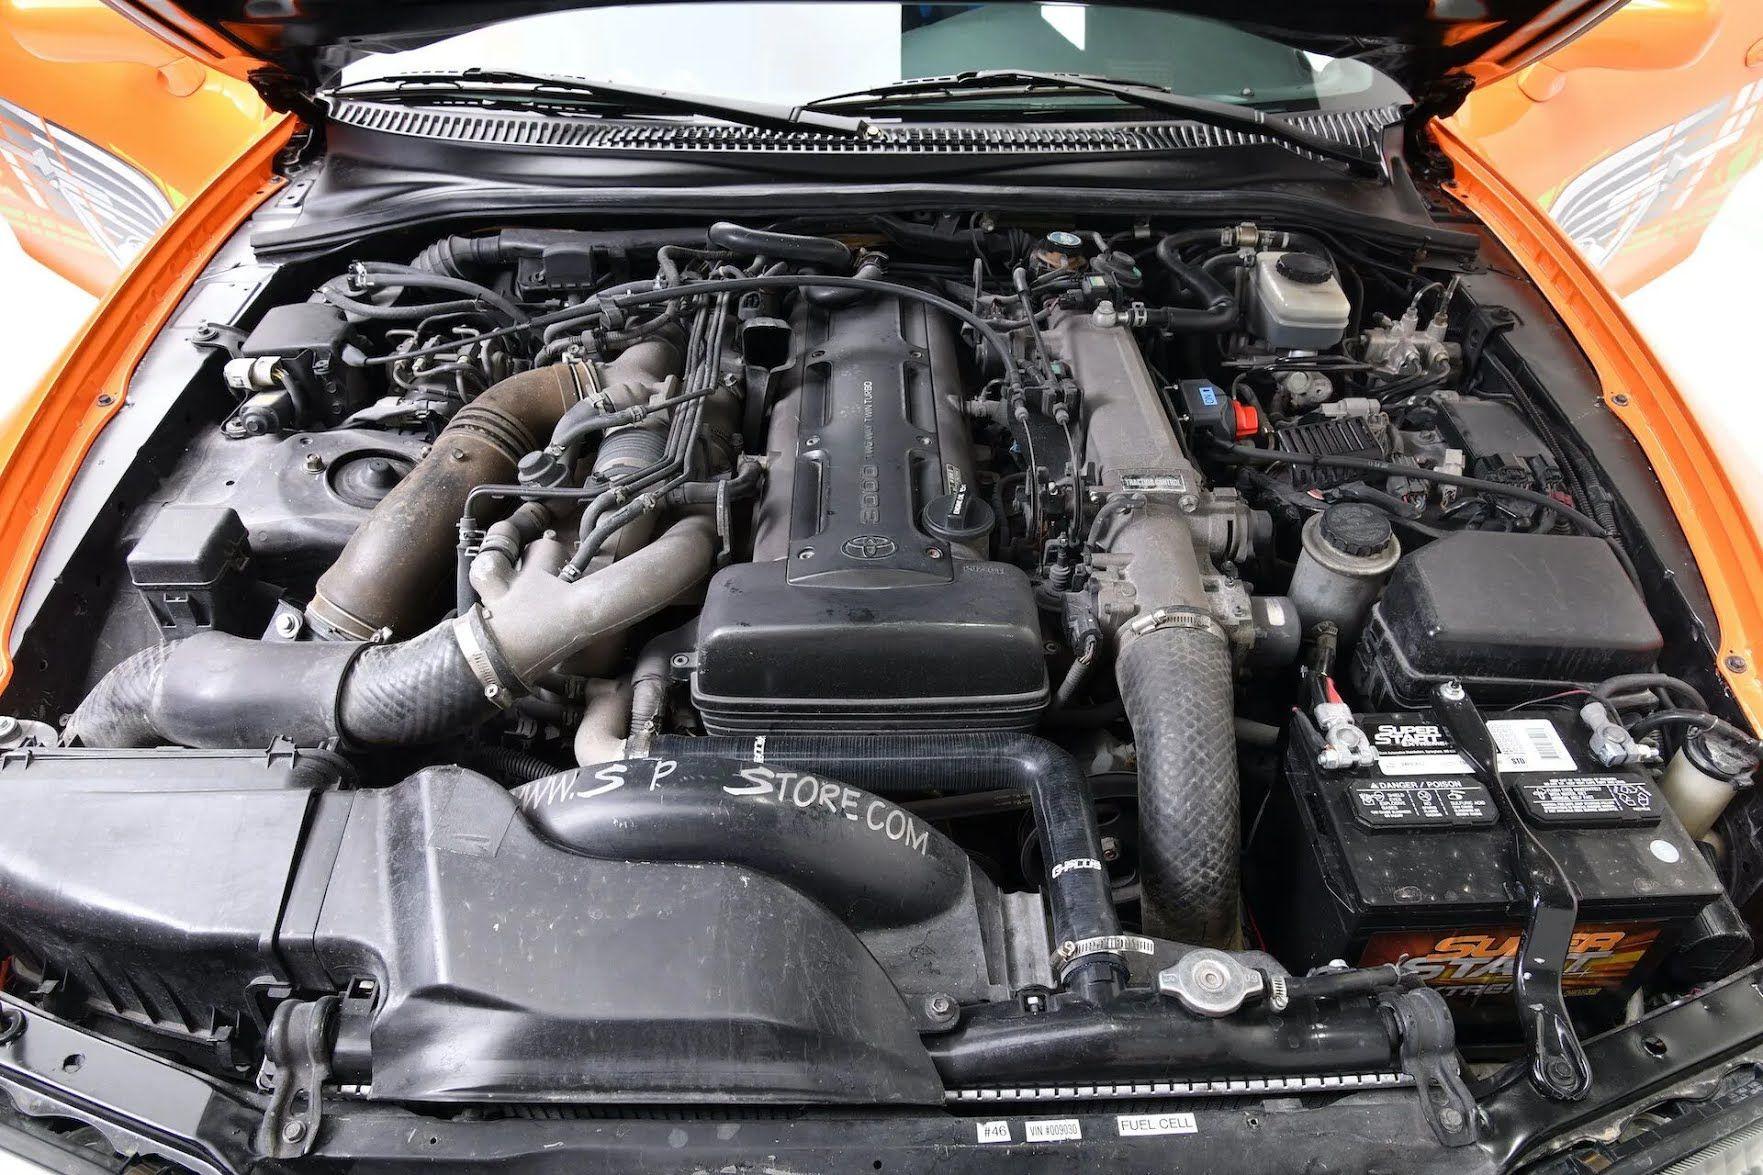 Автомобіль оснащений 3-літровим рядним 6-циліндровим мотором 2JZ-GTE з двома турбінами